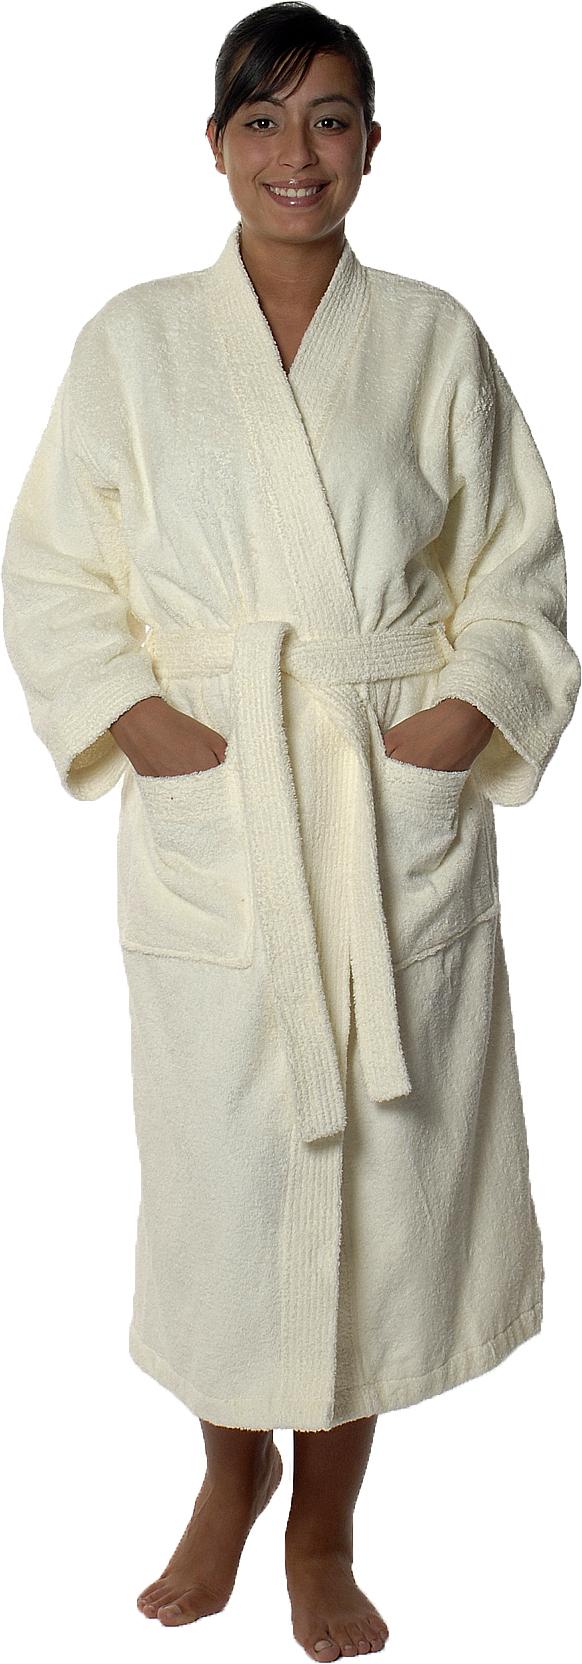 Peignoir col kimono en Coton couleur Ecru Taille S (Ecru)